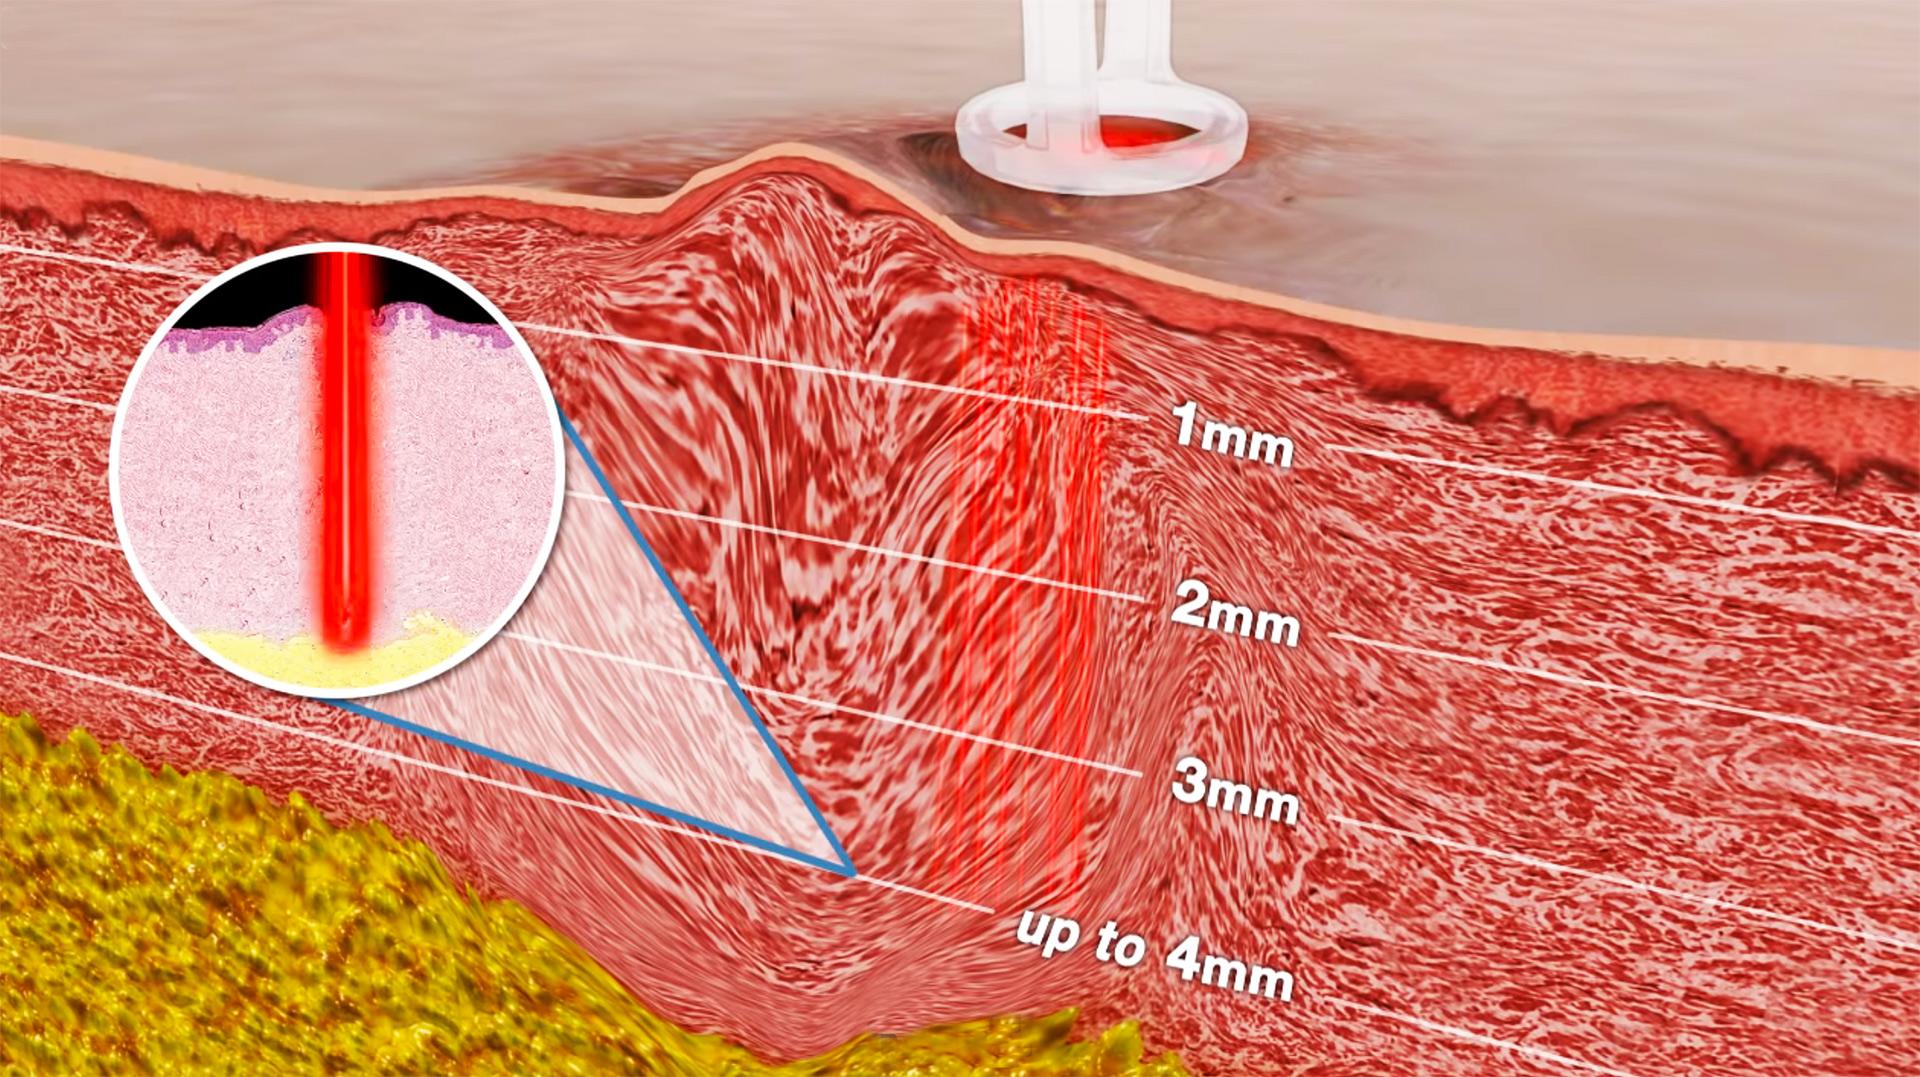 Trattamento Laser per acne a Giarre, Catania, Sicilia